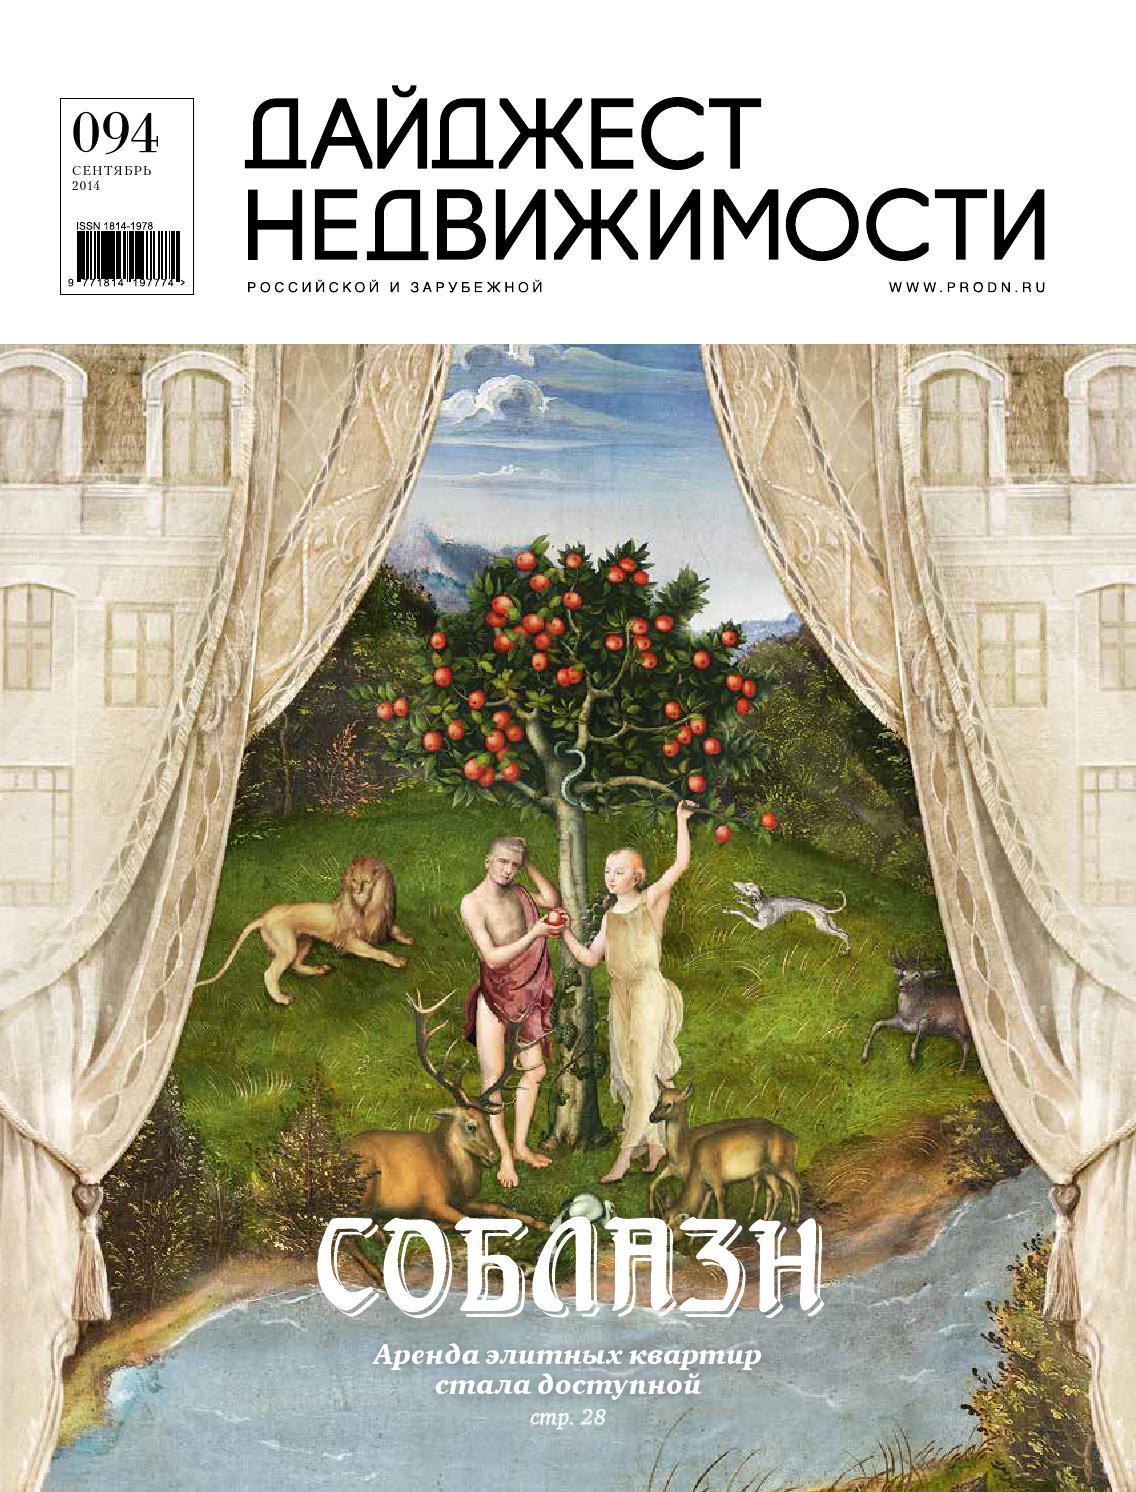 Сайт зарубежной недвижимости в россии купить квартиру ницца